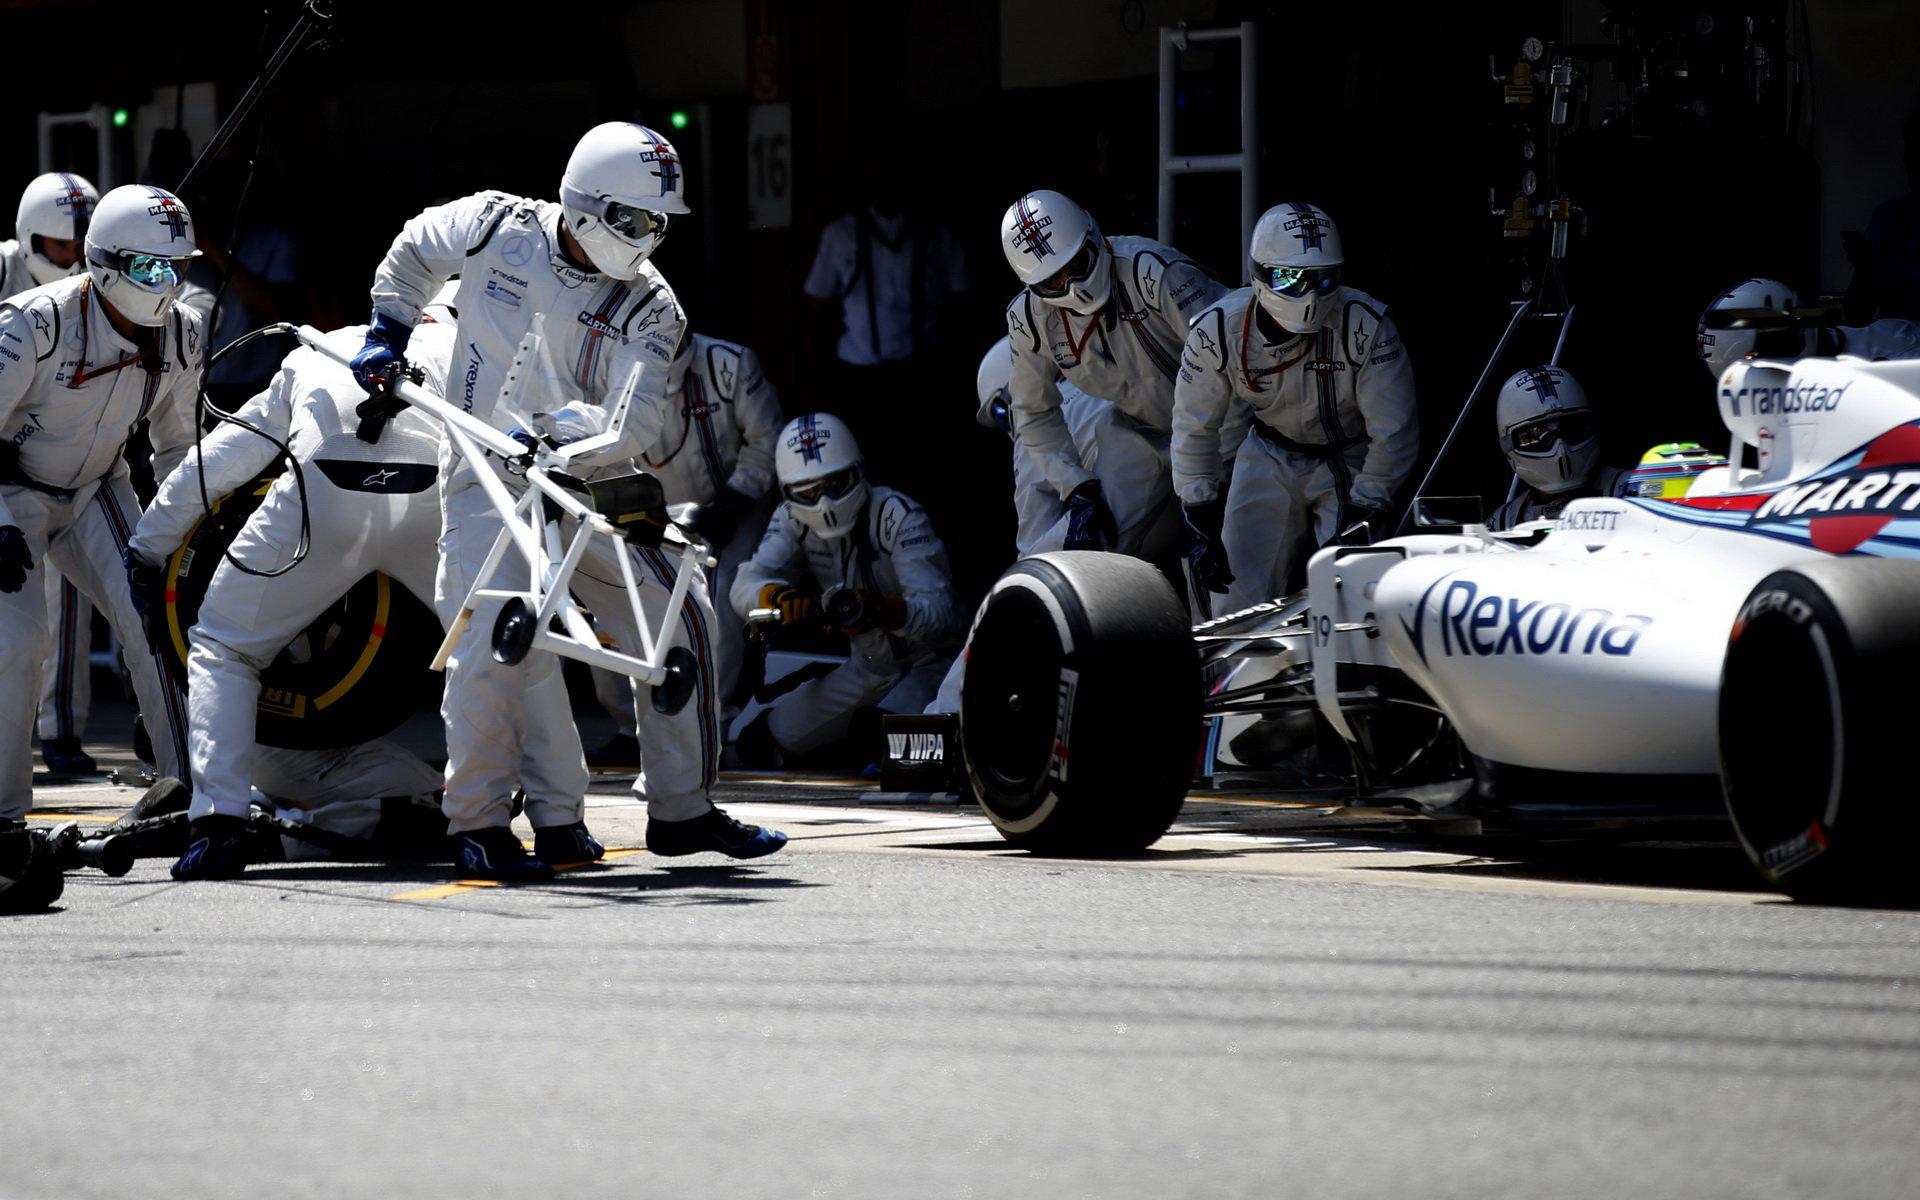 ZASTÁVKY V BOXECH A STRATEGIE: Williams opět rychlejší než Mercedes - anotační obrázek